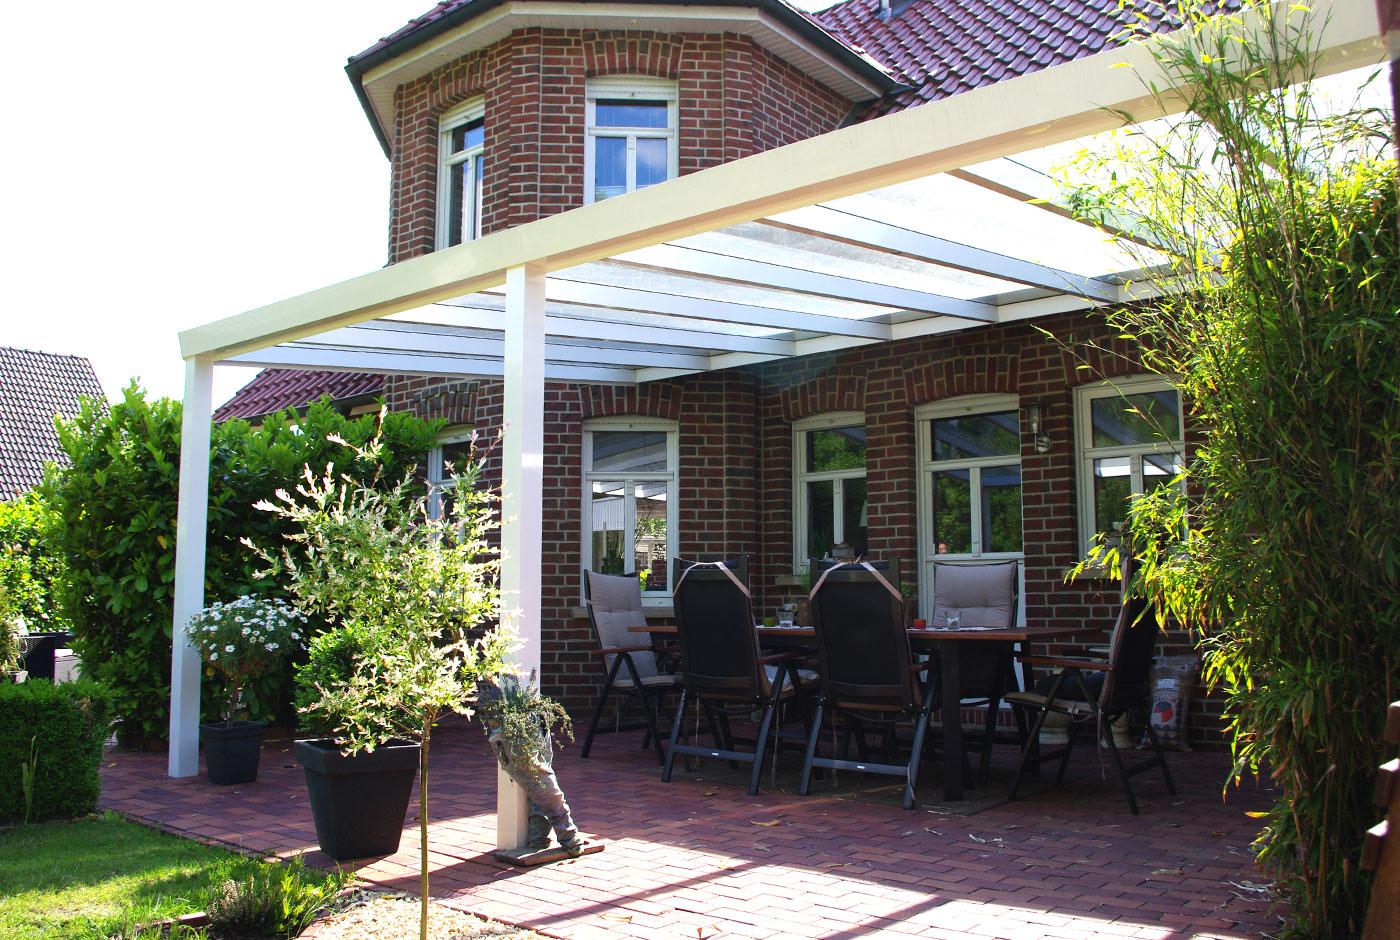 verbundsicherheitsglas (vsg) für glas-terrassenüberdachung, Moderne